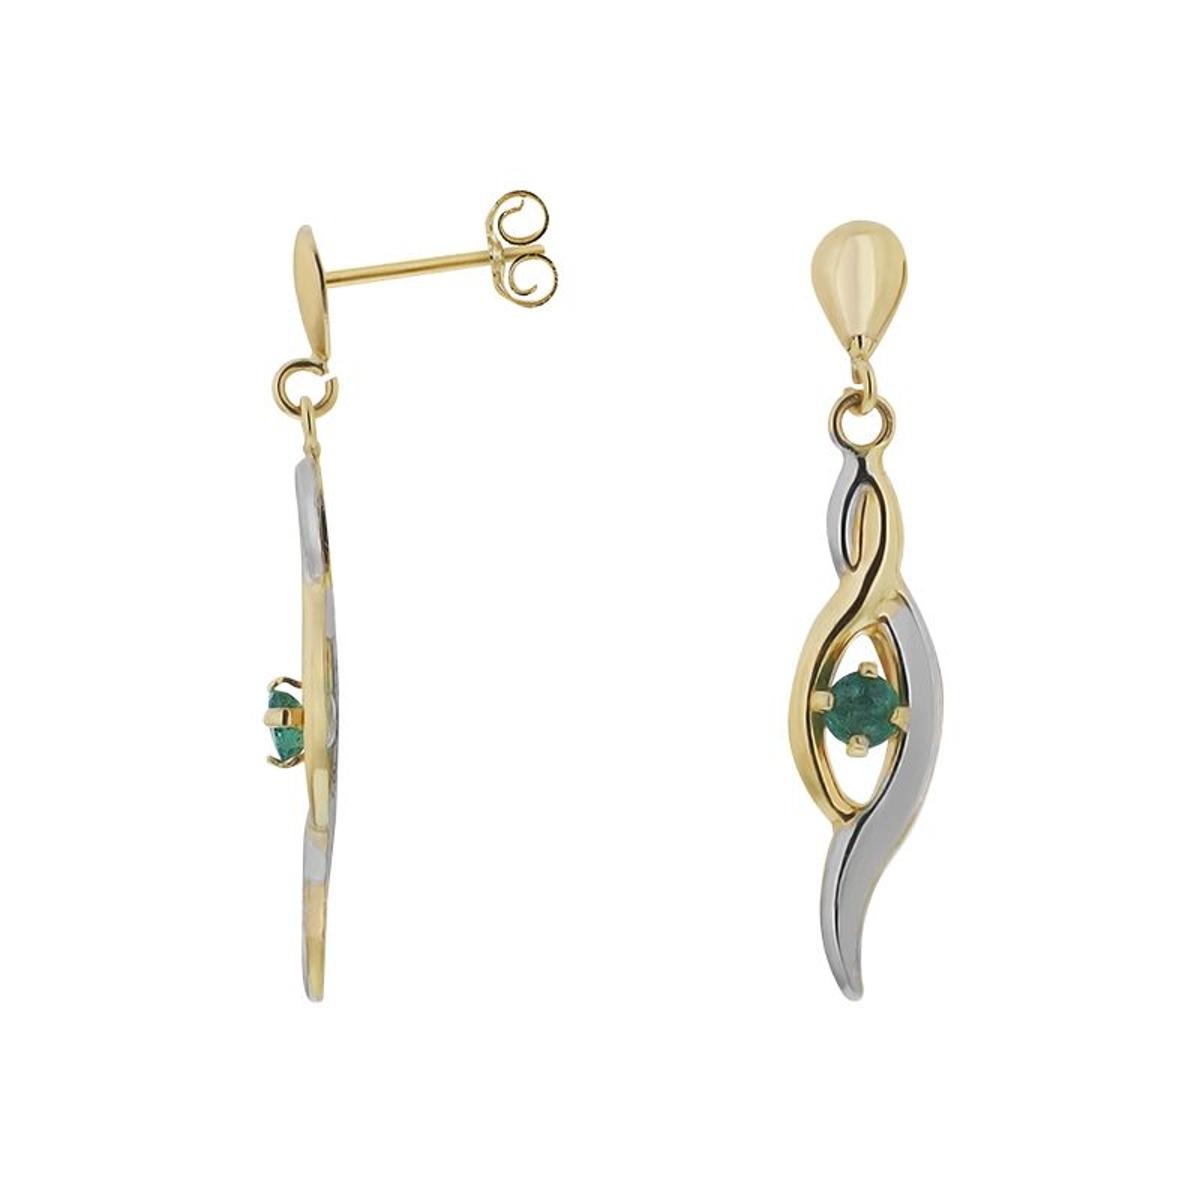 Boucles d'oreilles en Or 375/1000 Jaune et Emeraude